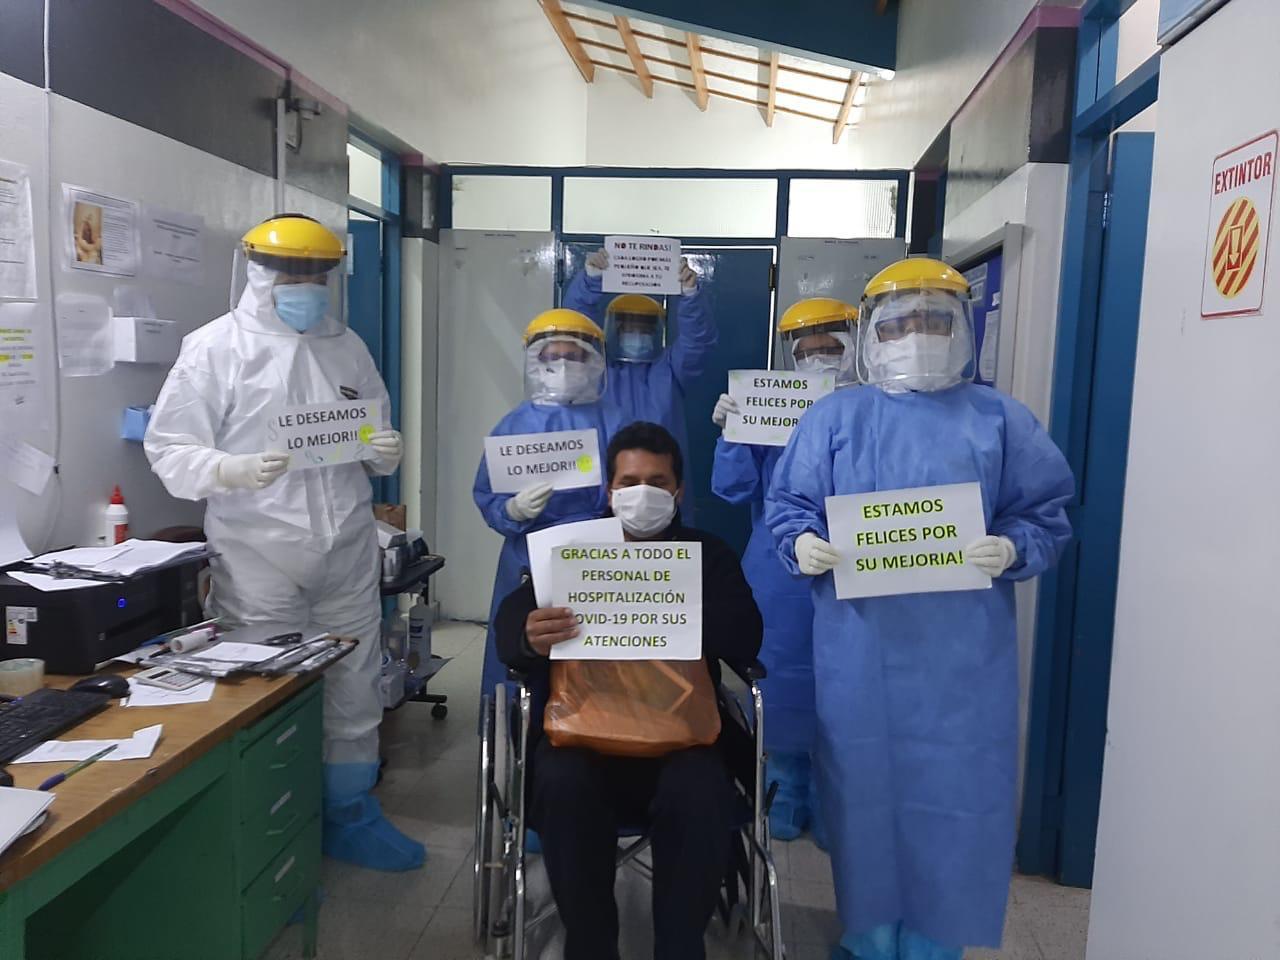 Essalud - EsSalud Apurímac cuenta con moderna Unidad de Cuidados Intensivos en Hospital Santa Margarita de Andahuaylas